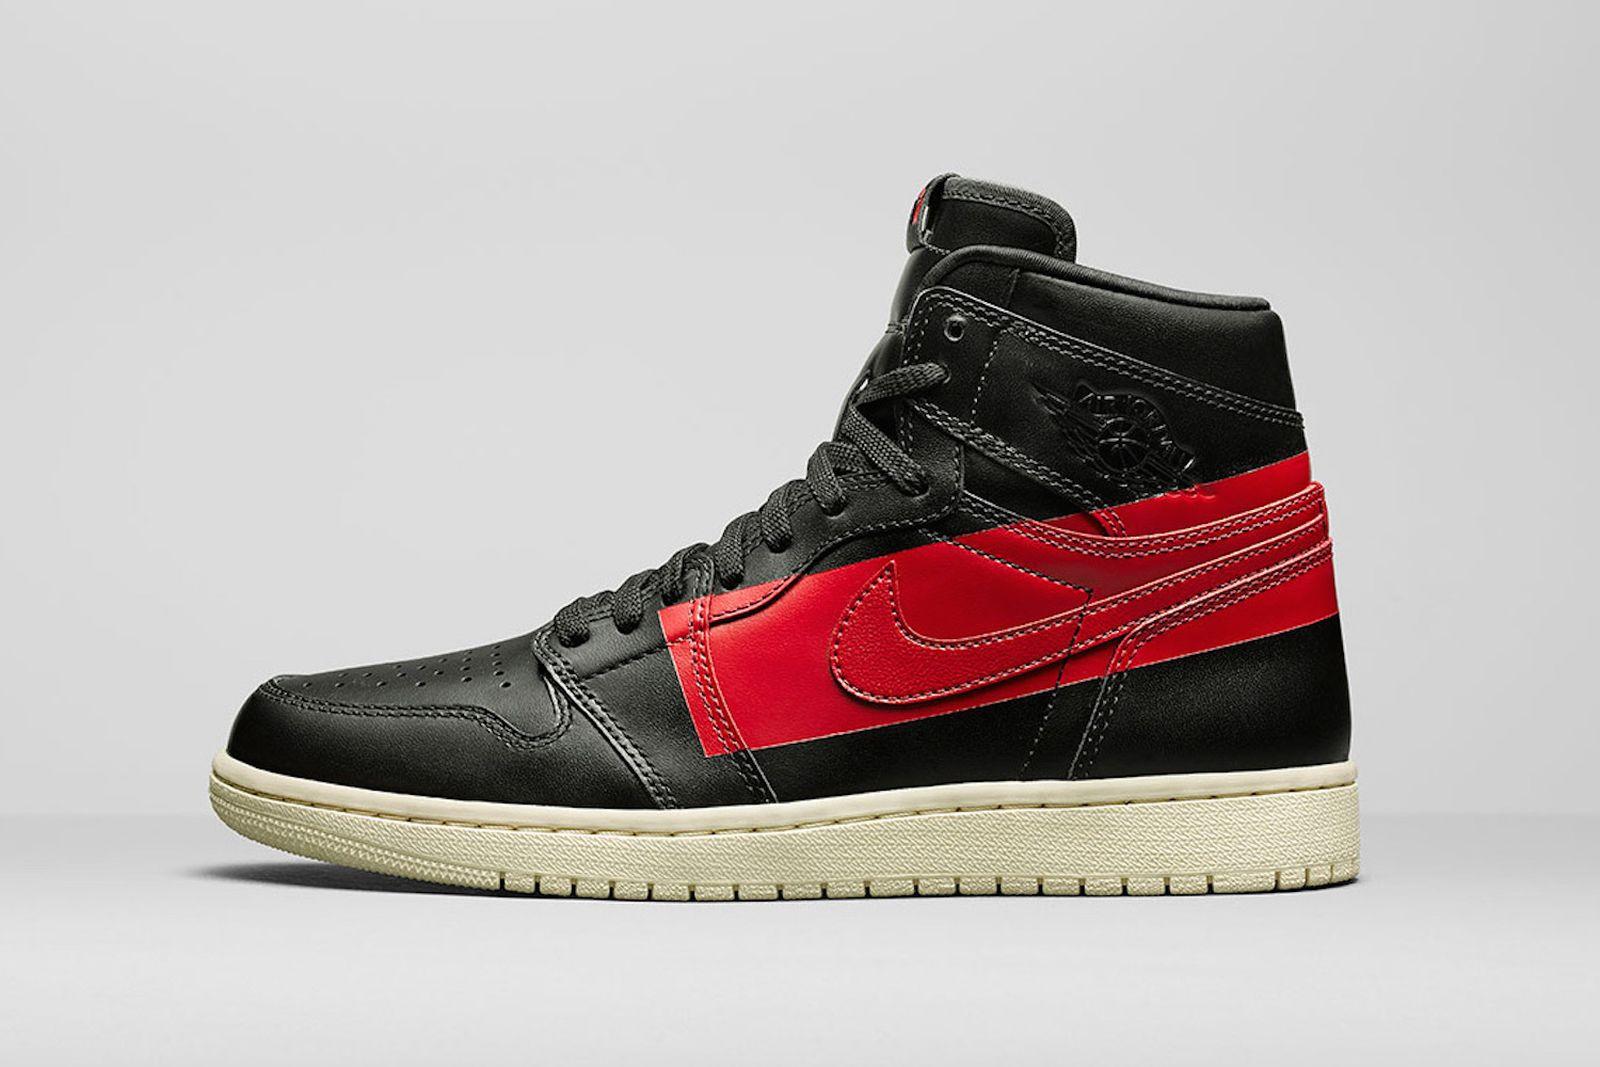 air jordan 1 couture release date price info Air Jordan 1 Retro High OG Nike jordan brand